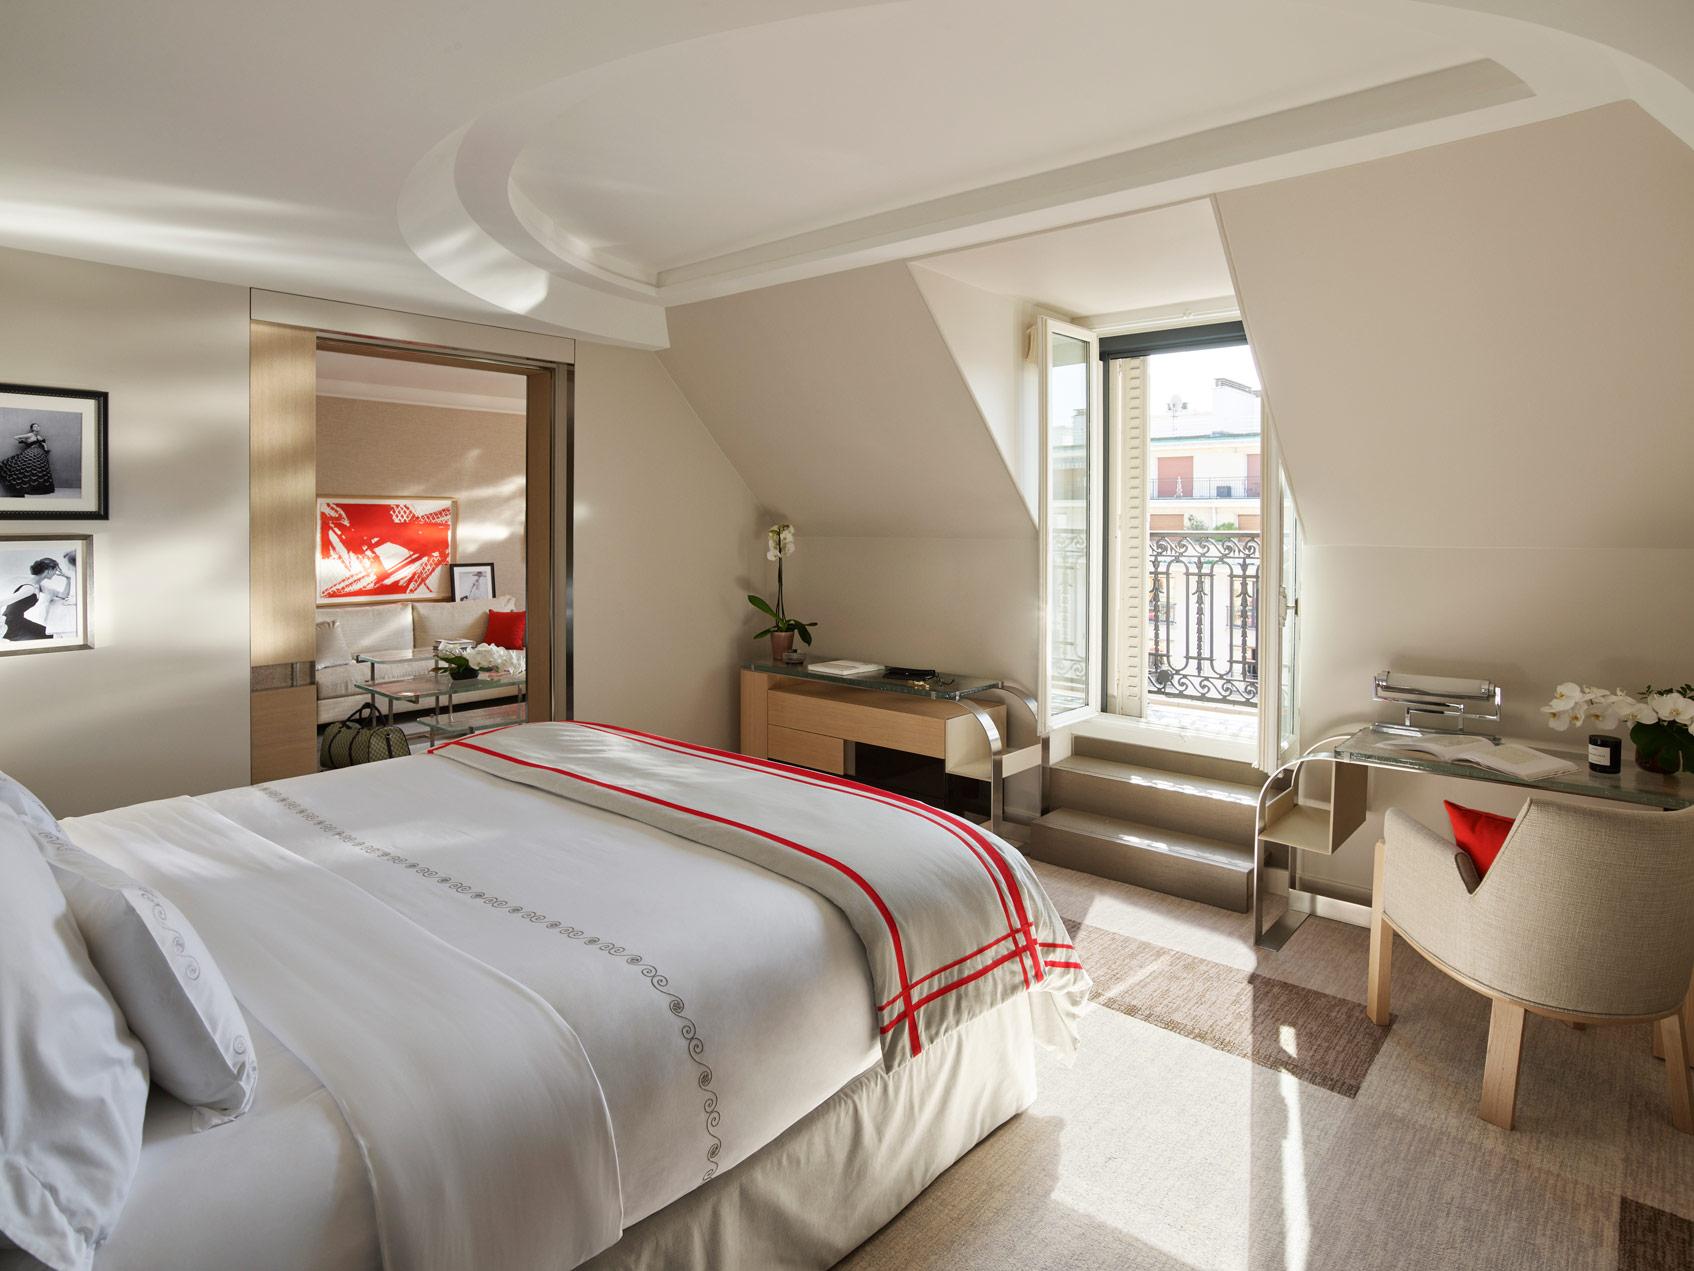 Hôtel Plaza Athénée в париже вновь открыт